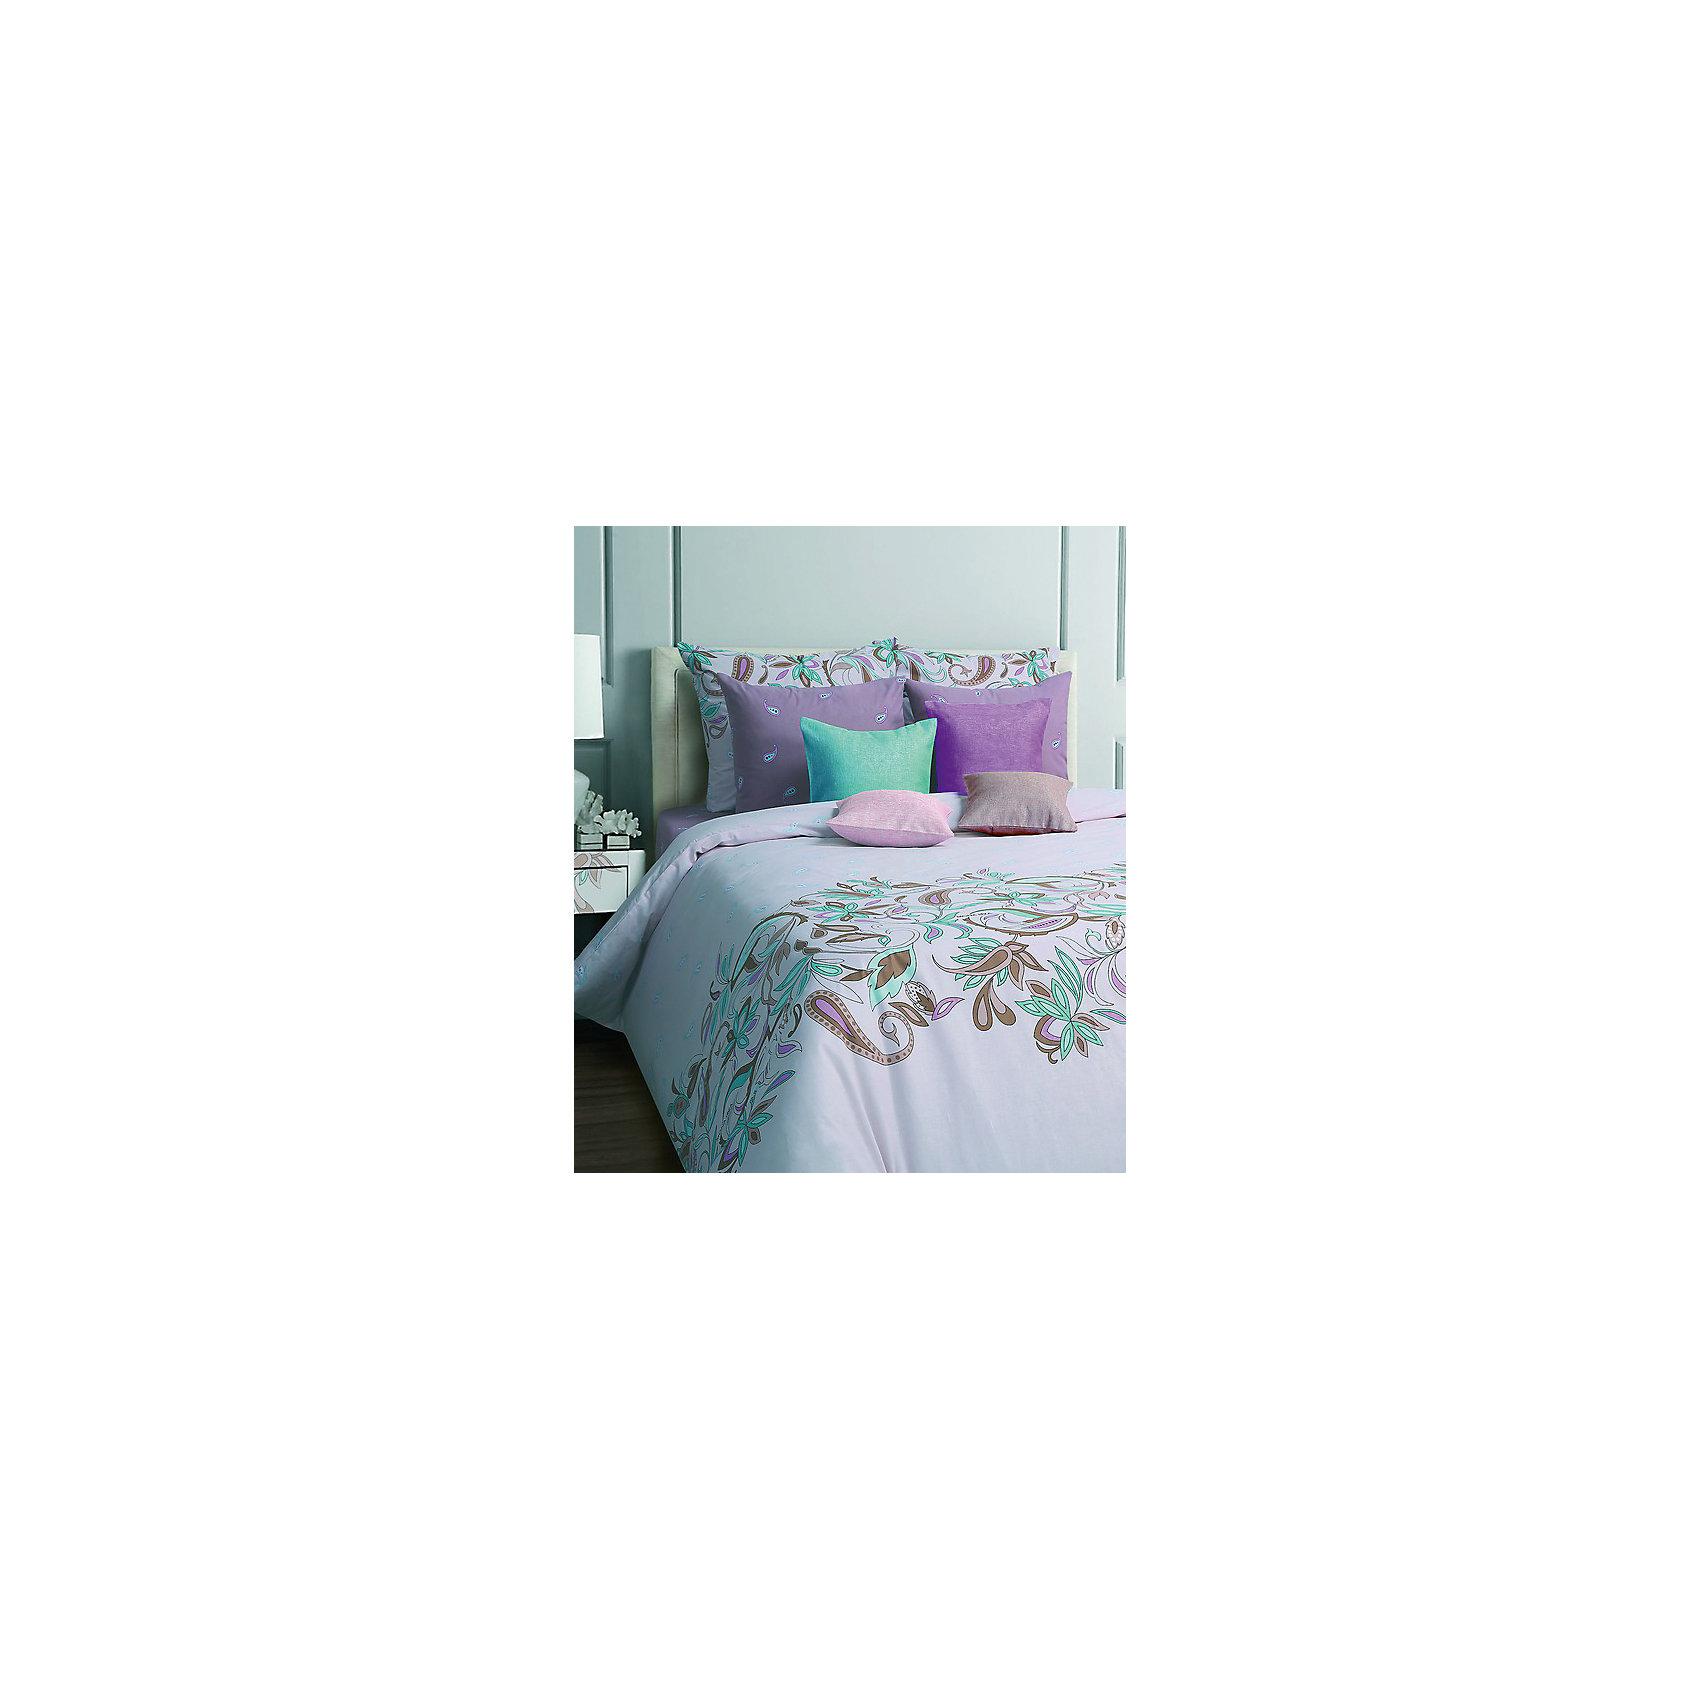 Постельное белье  Monro, 1,5-спальный, 50*70, Mona LizaДомашний текстиль<br>Комплект постельного белья  Monro торговой марки Mona Liza , изготовлен из натуральной бязи в розовато-бежевых тонах с вкраплениями фиалкового. Материал очень мягкий,  но  вместе с тем прочный и износоустойчивый. Он легко стирается и мало мнется, долго сохраняет отличный внешний вид. Комплект состоит из пододеяльника, простыни и двух наволочек. С таким комплектом постельного белья у Вас будут только приятные сновидения!<br><br>Дополнительная информация: <br><br>- производитель: Mona liza<br>- материал: бязь<br>- состав: 100% хлопок<br>- размер комплекта: полутораспальный<br>- размер пододеяльника: 145*210 см<br>- тип застежки: пуговицы<br>- размер простыни: 150*215 (обычная)<br>- размер наволочек: 50*70 (2 шт)<br>- упаковка комплекта: книжка пвх<br>- страна бренда: Россия<br>- страна производитель: Россия<br><br><br>Комплект постельного белья   Monro  торговой марки  «Мона Лиза» можно купить в нашем интернет-магазине.<br><br>Ширина мм: 290<br>Глубина мм: 70<br>Высота мм: 370<br>Вес г: 1250<br>Возраст от месяцев: 84<br>Возраст до месяцев: 1188<br>Пол: Унисекс<br>Возраст: Детский<br>SKU: 4902096